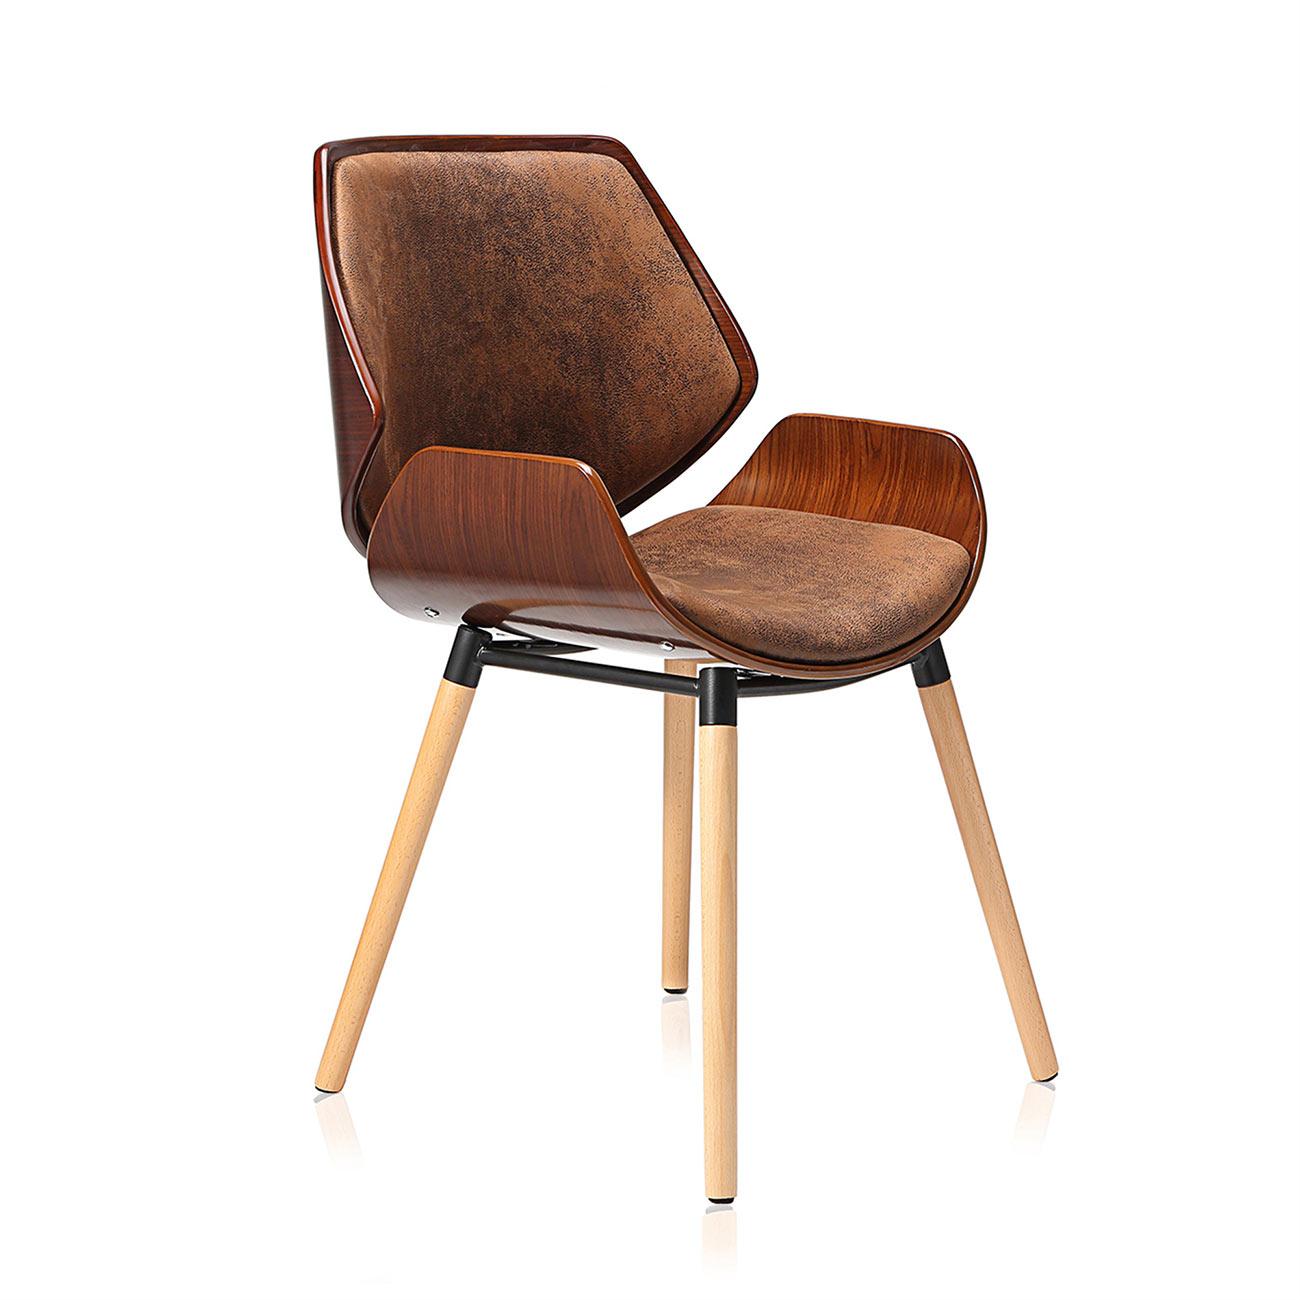 Esszimmerstuhl Stuhl Kunstleder B Ware Retro Design Hocker Details Zu Vintage Bürostuhl FK1Jc3luT